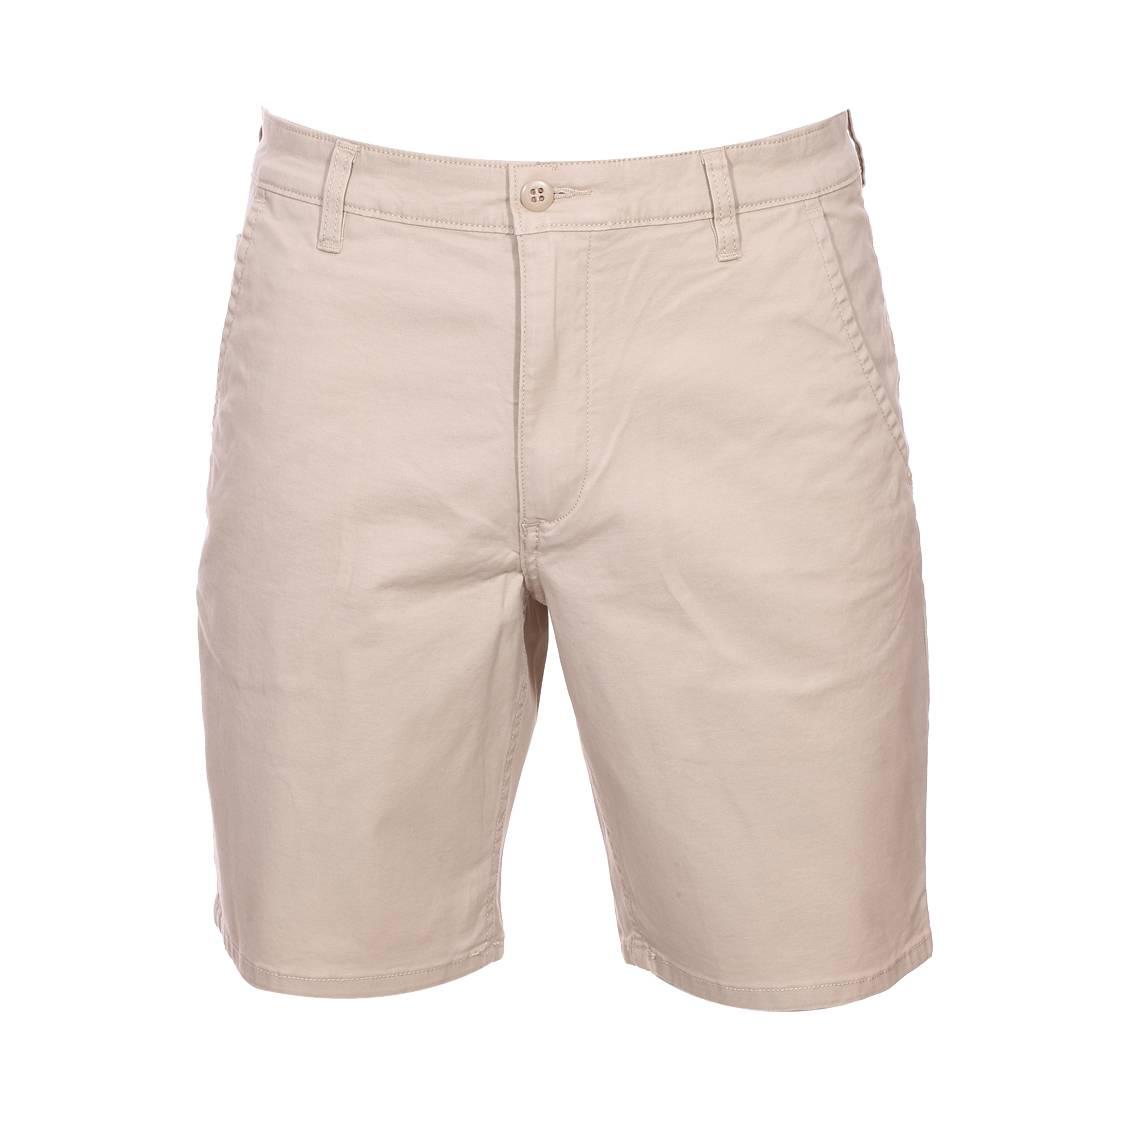 Short  alpha core en coton stretch beige